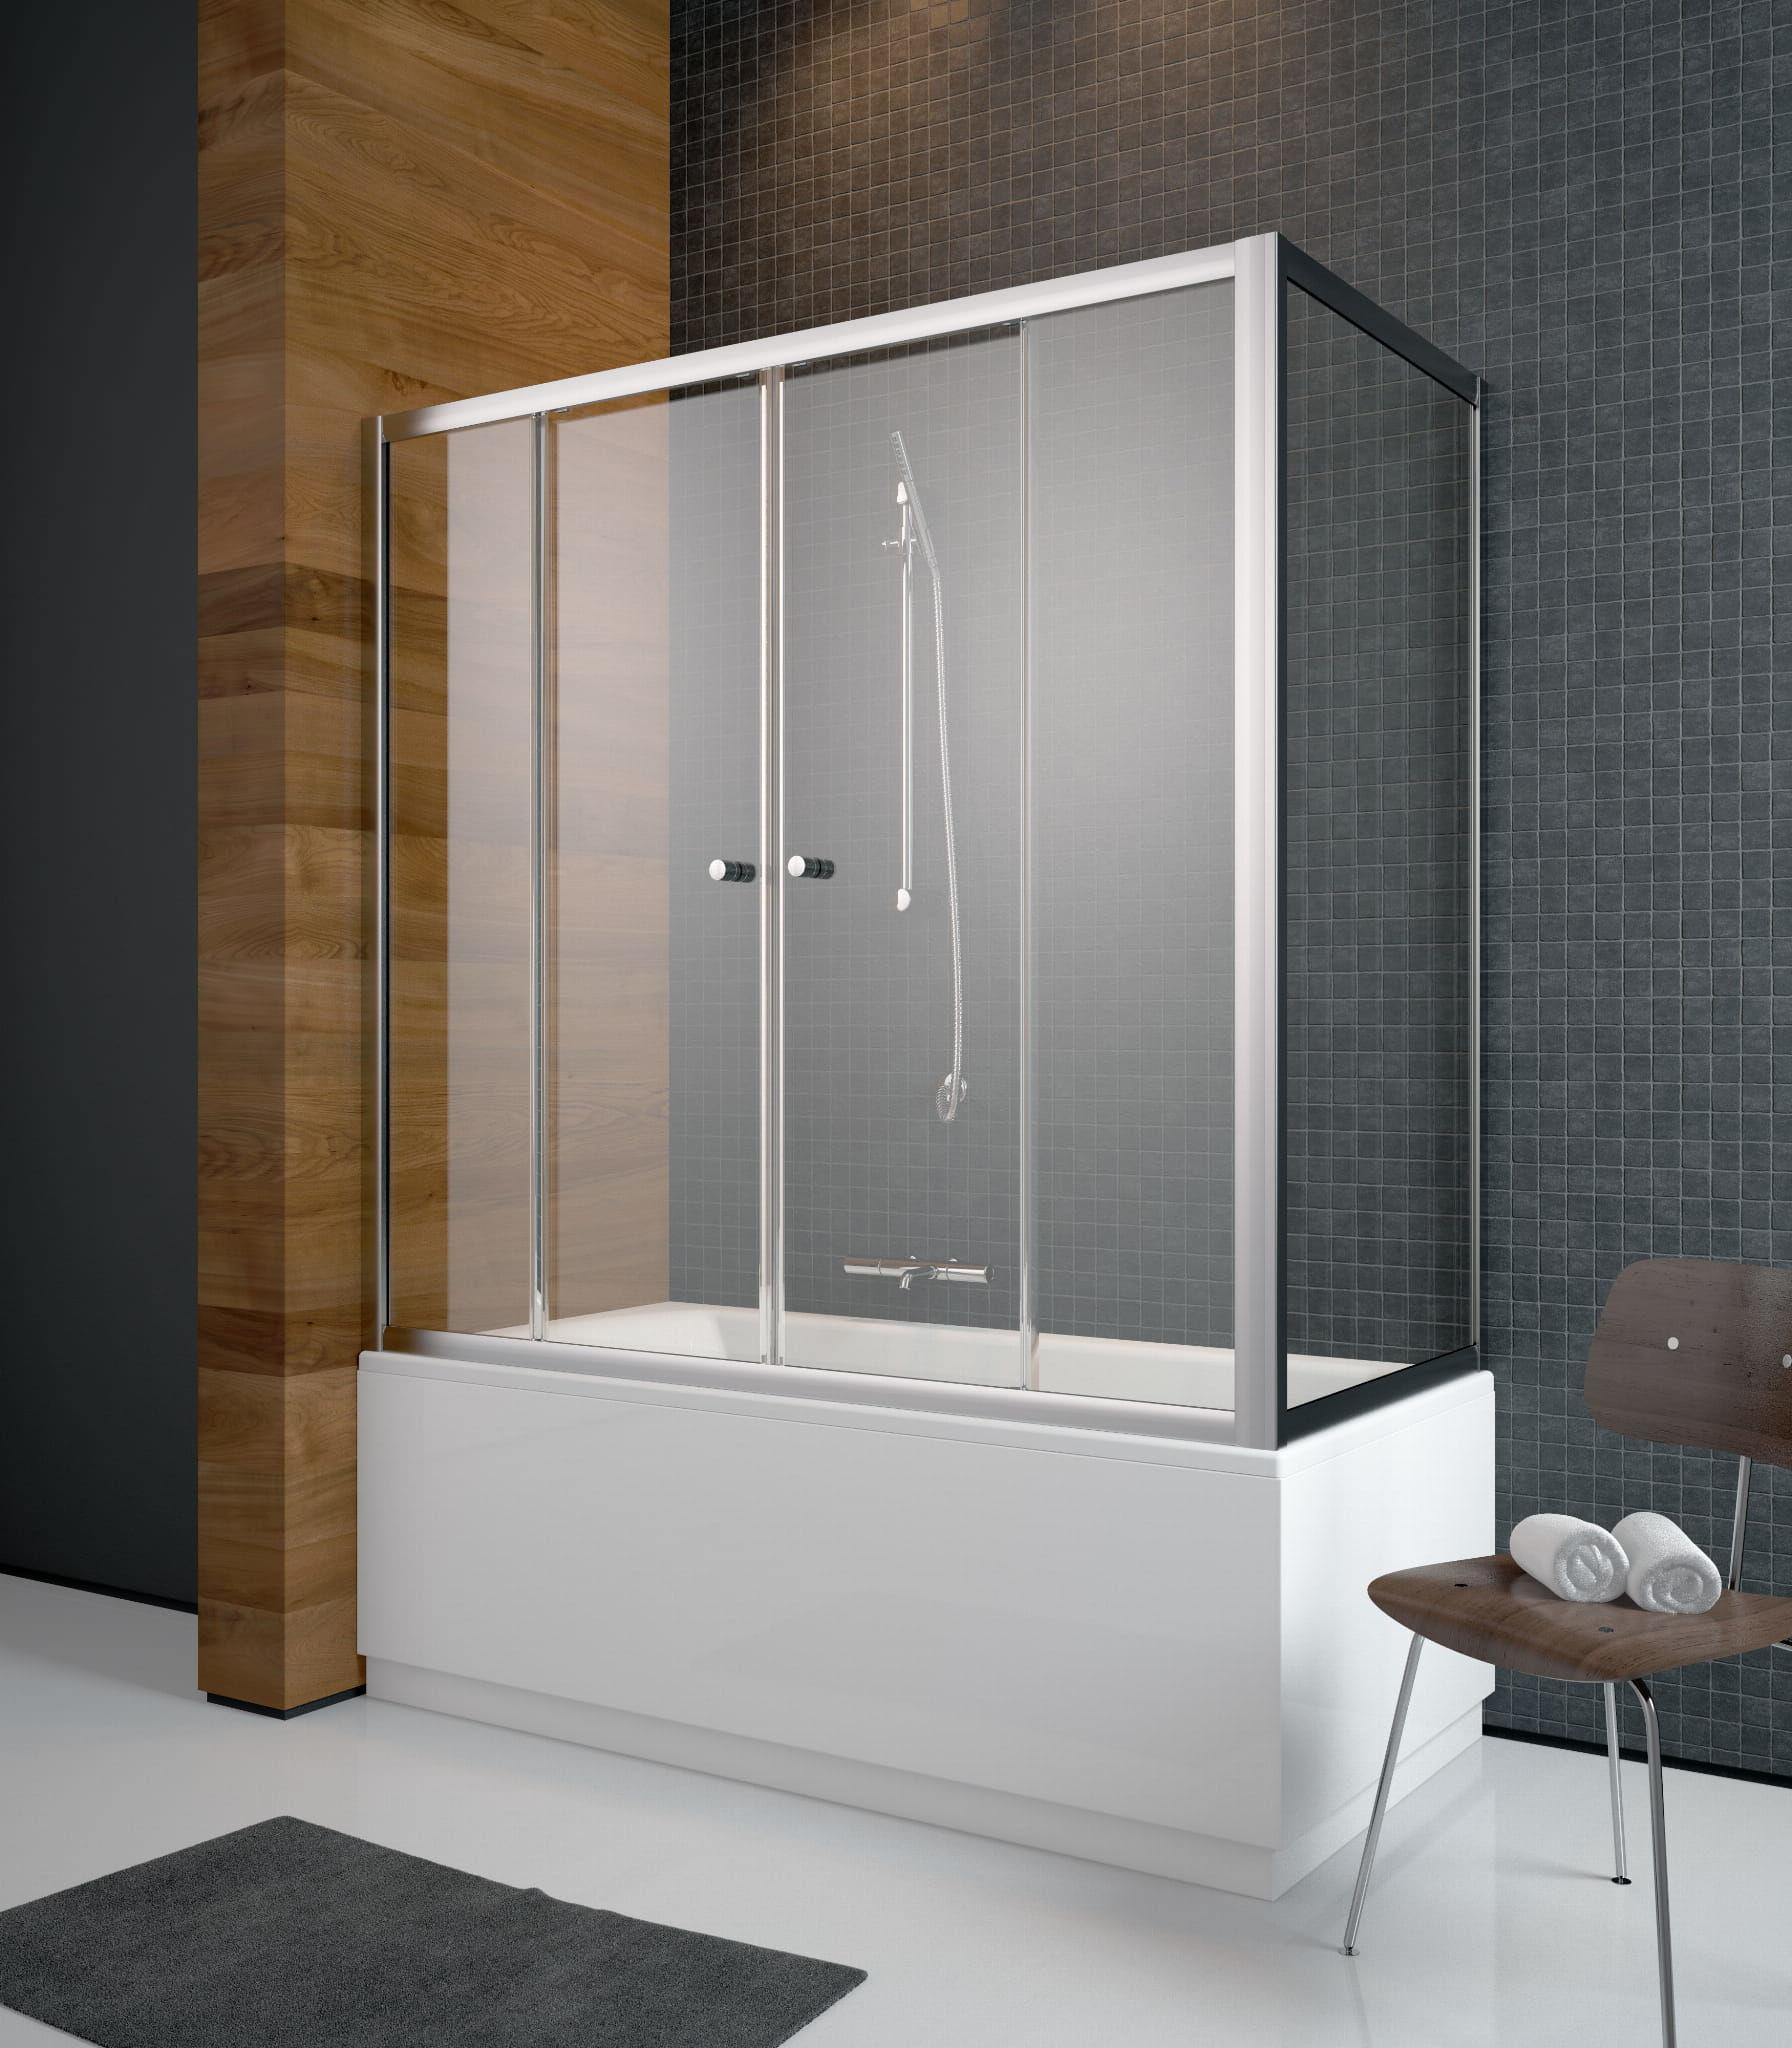 Radaway zabudowa nawannowa Vesta DWD+S 170 x 80, szkło przejrzyste, wys. 150 cm 203170-01/204080-01